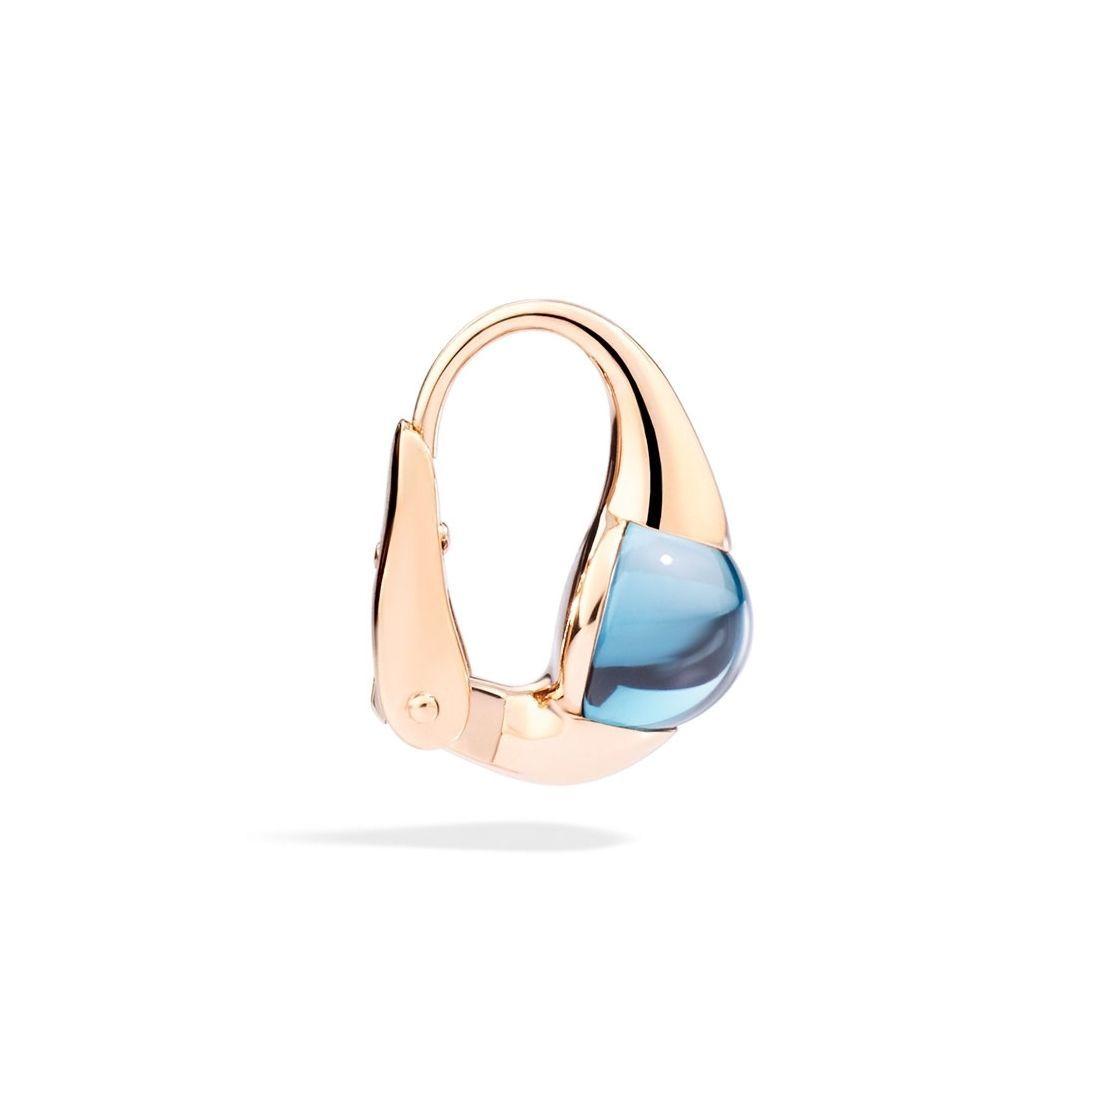 Boucles d'oreilles Pomellato M'ama Non M'ama en or rose et topaze bleue london vue 2